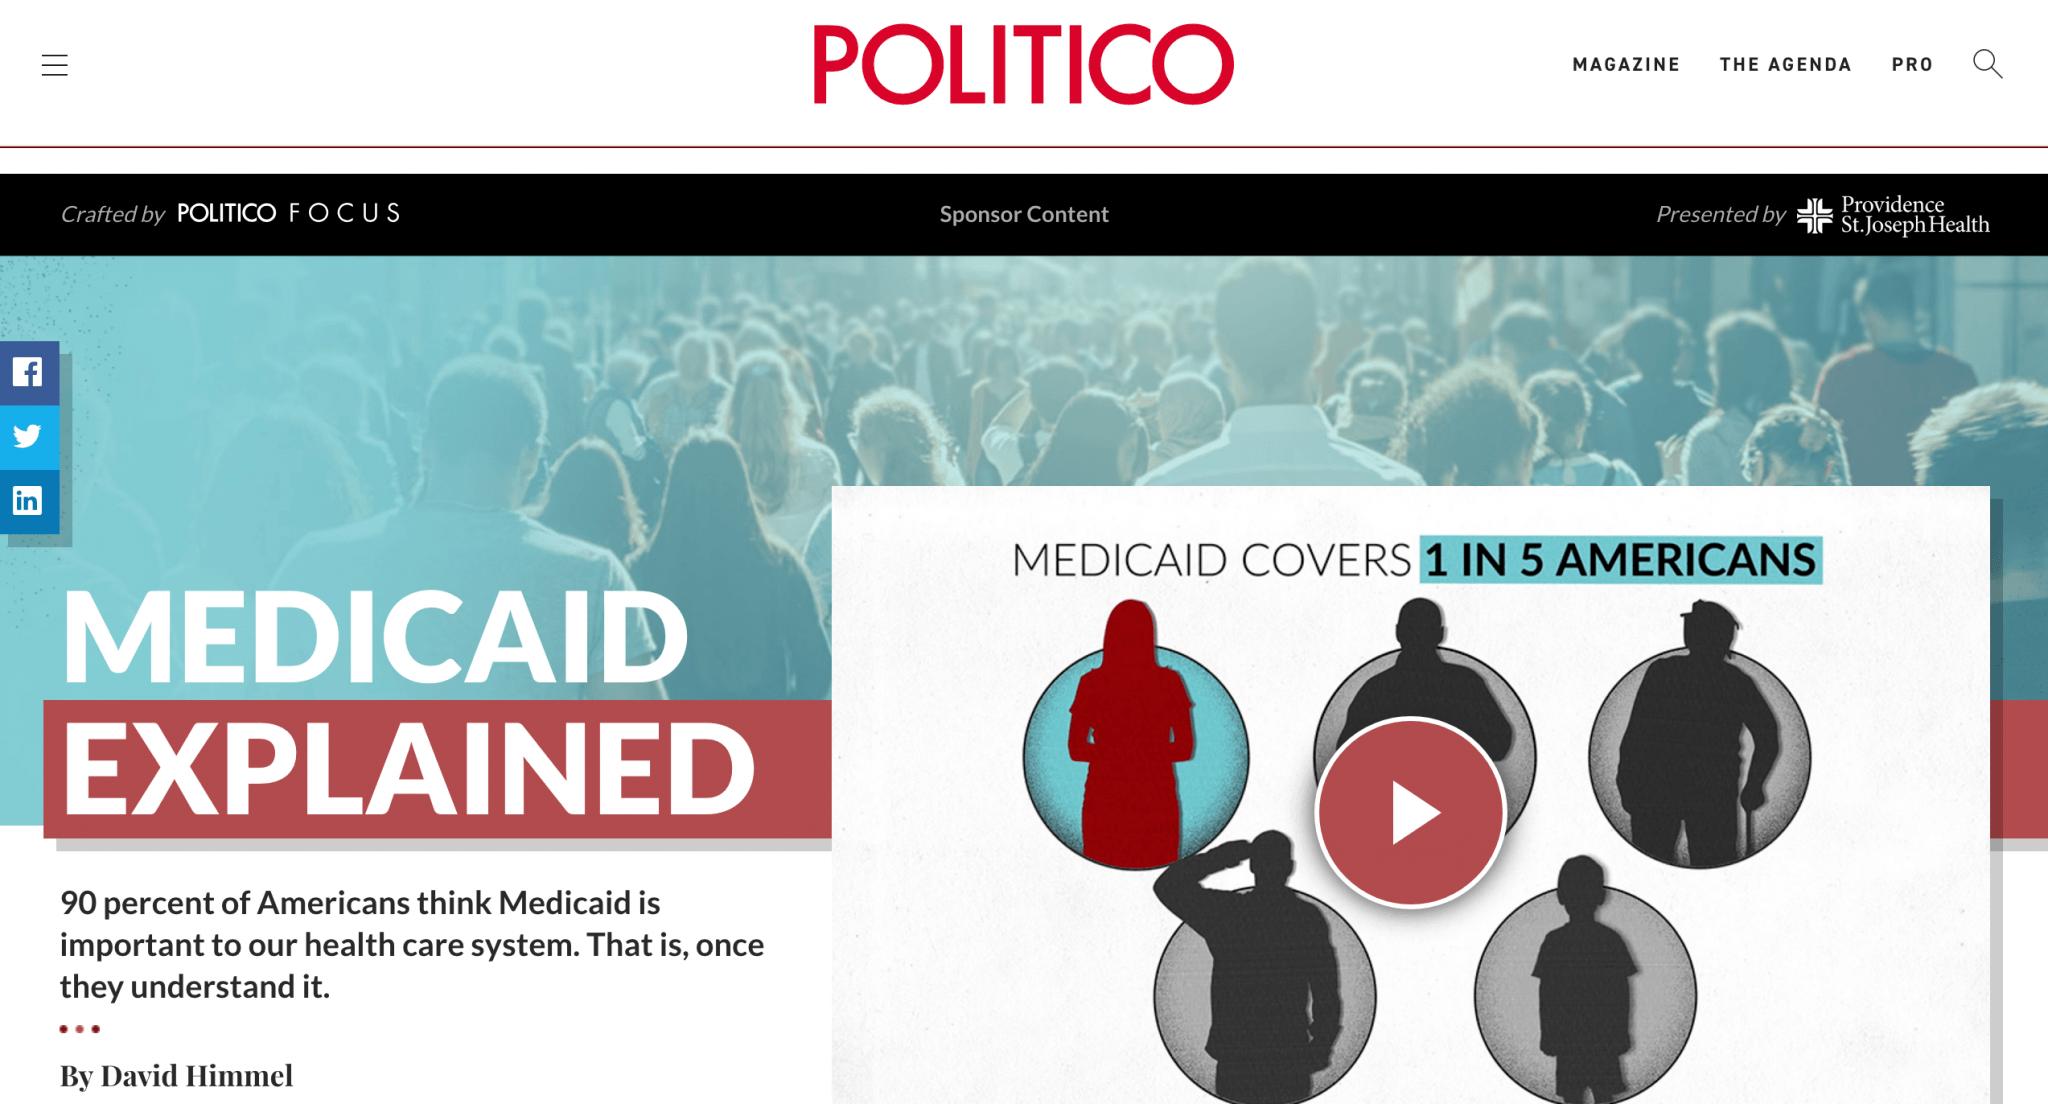 politico focus sponsored content image